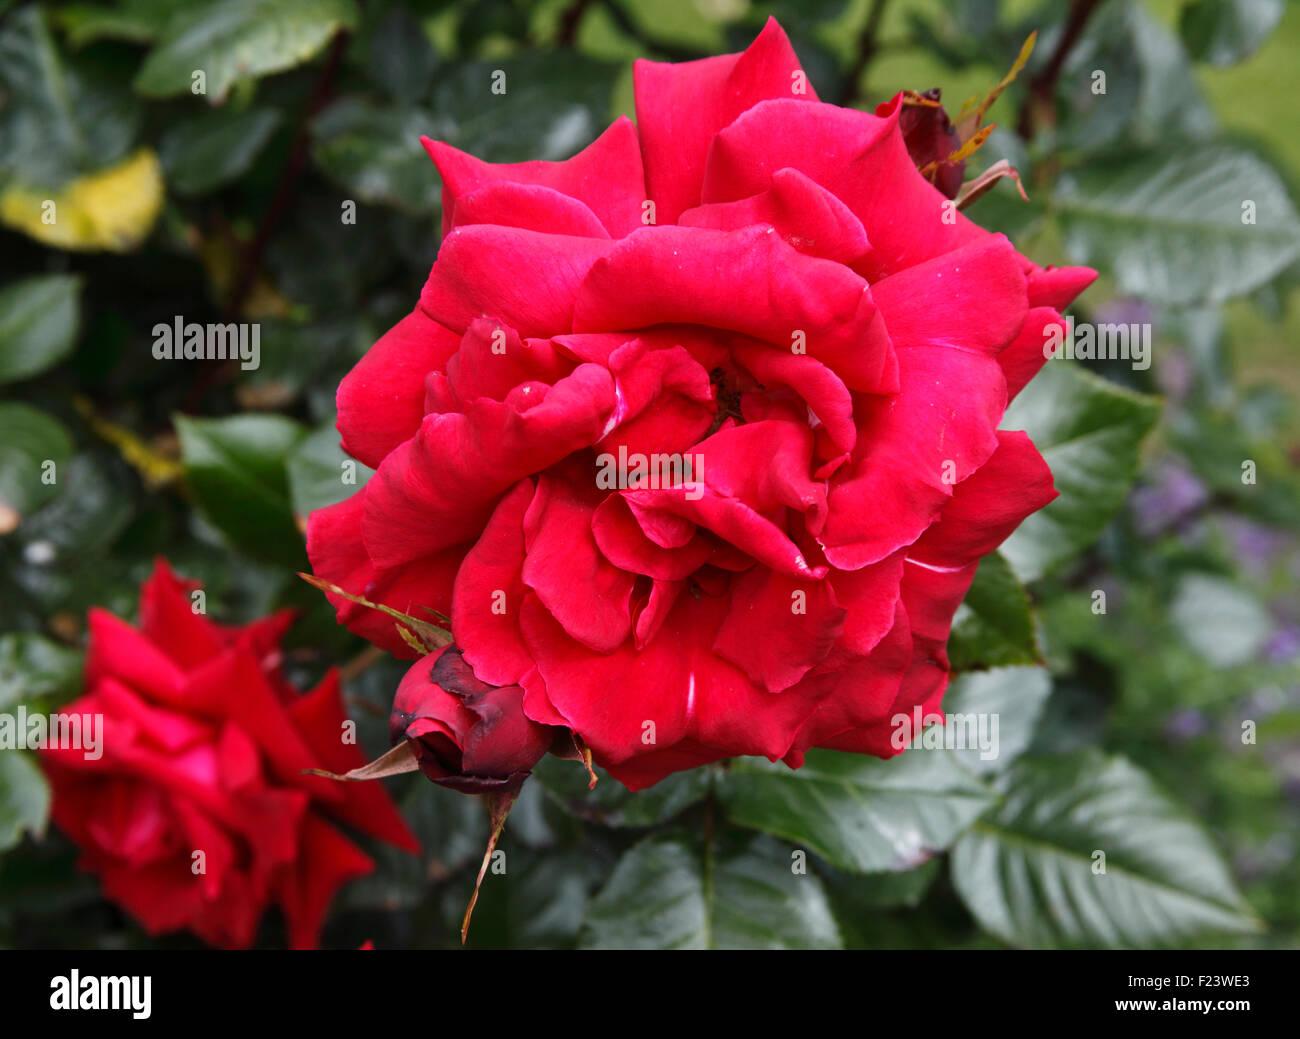 Rosa 'Ernest H Morse' Rose close up of flower - Stock Image